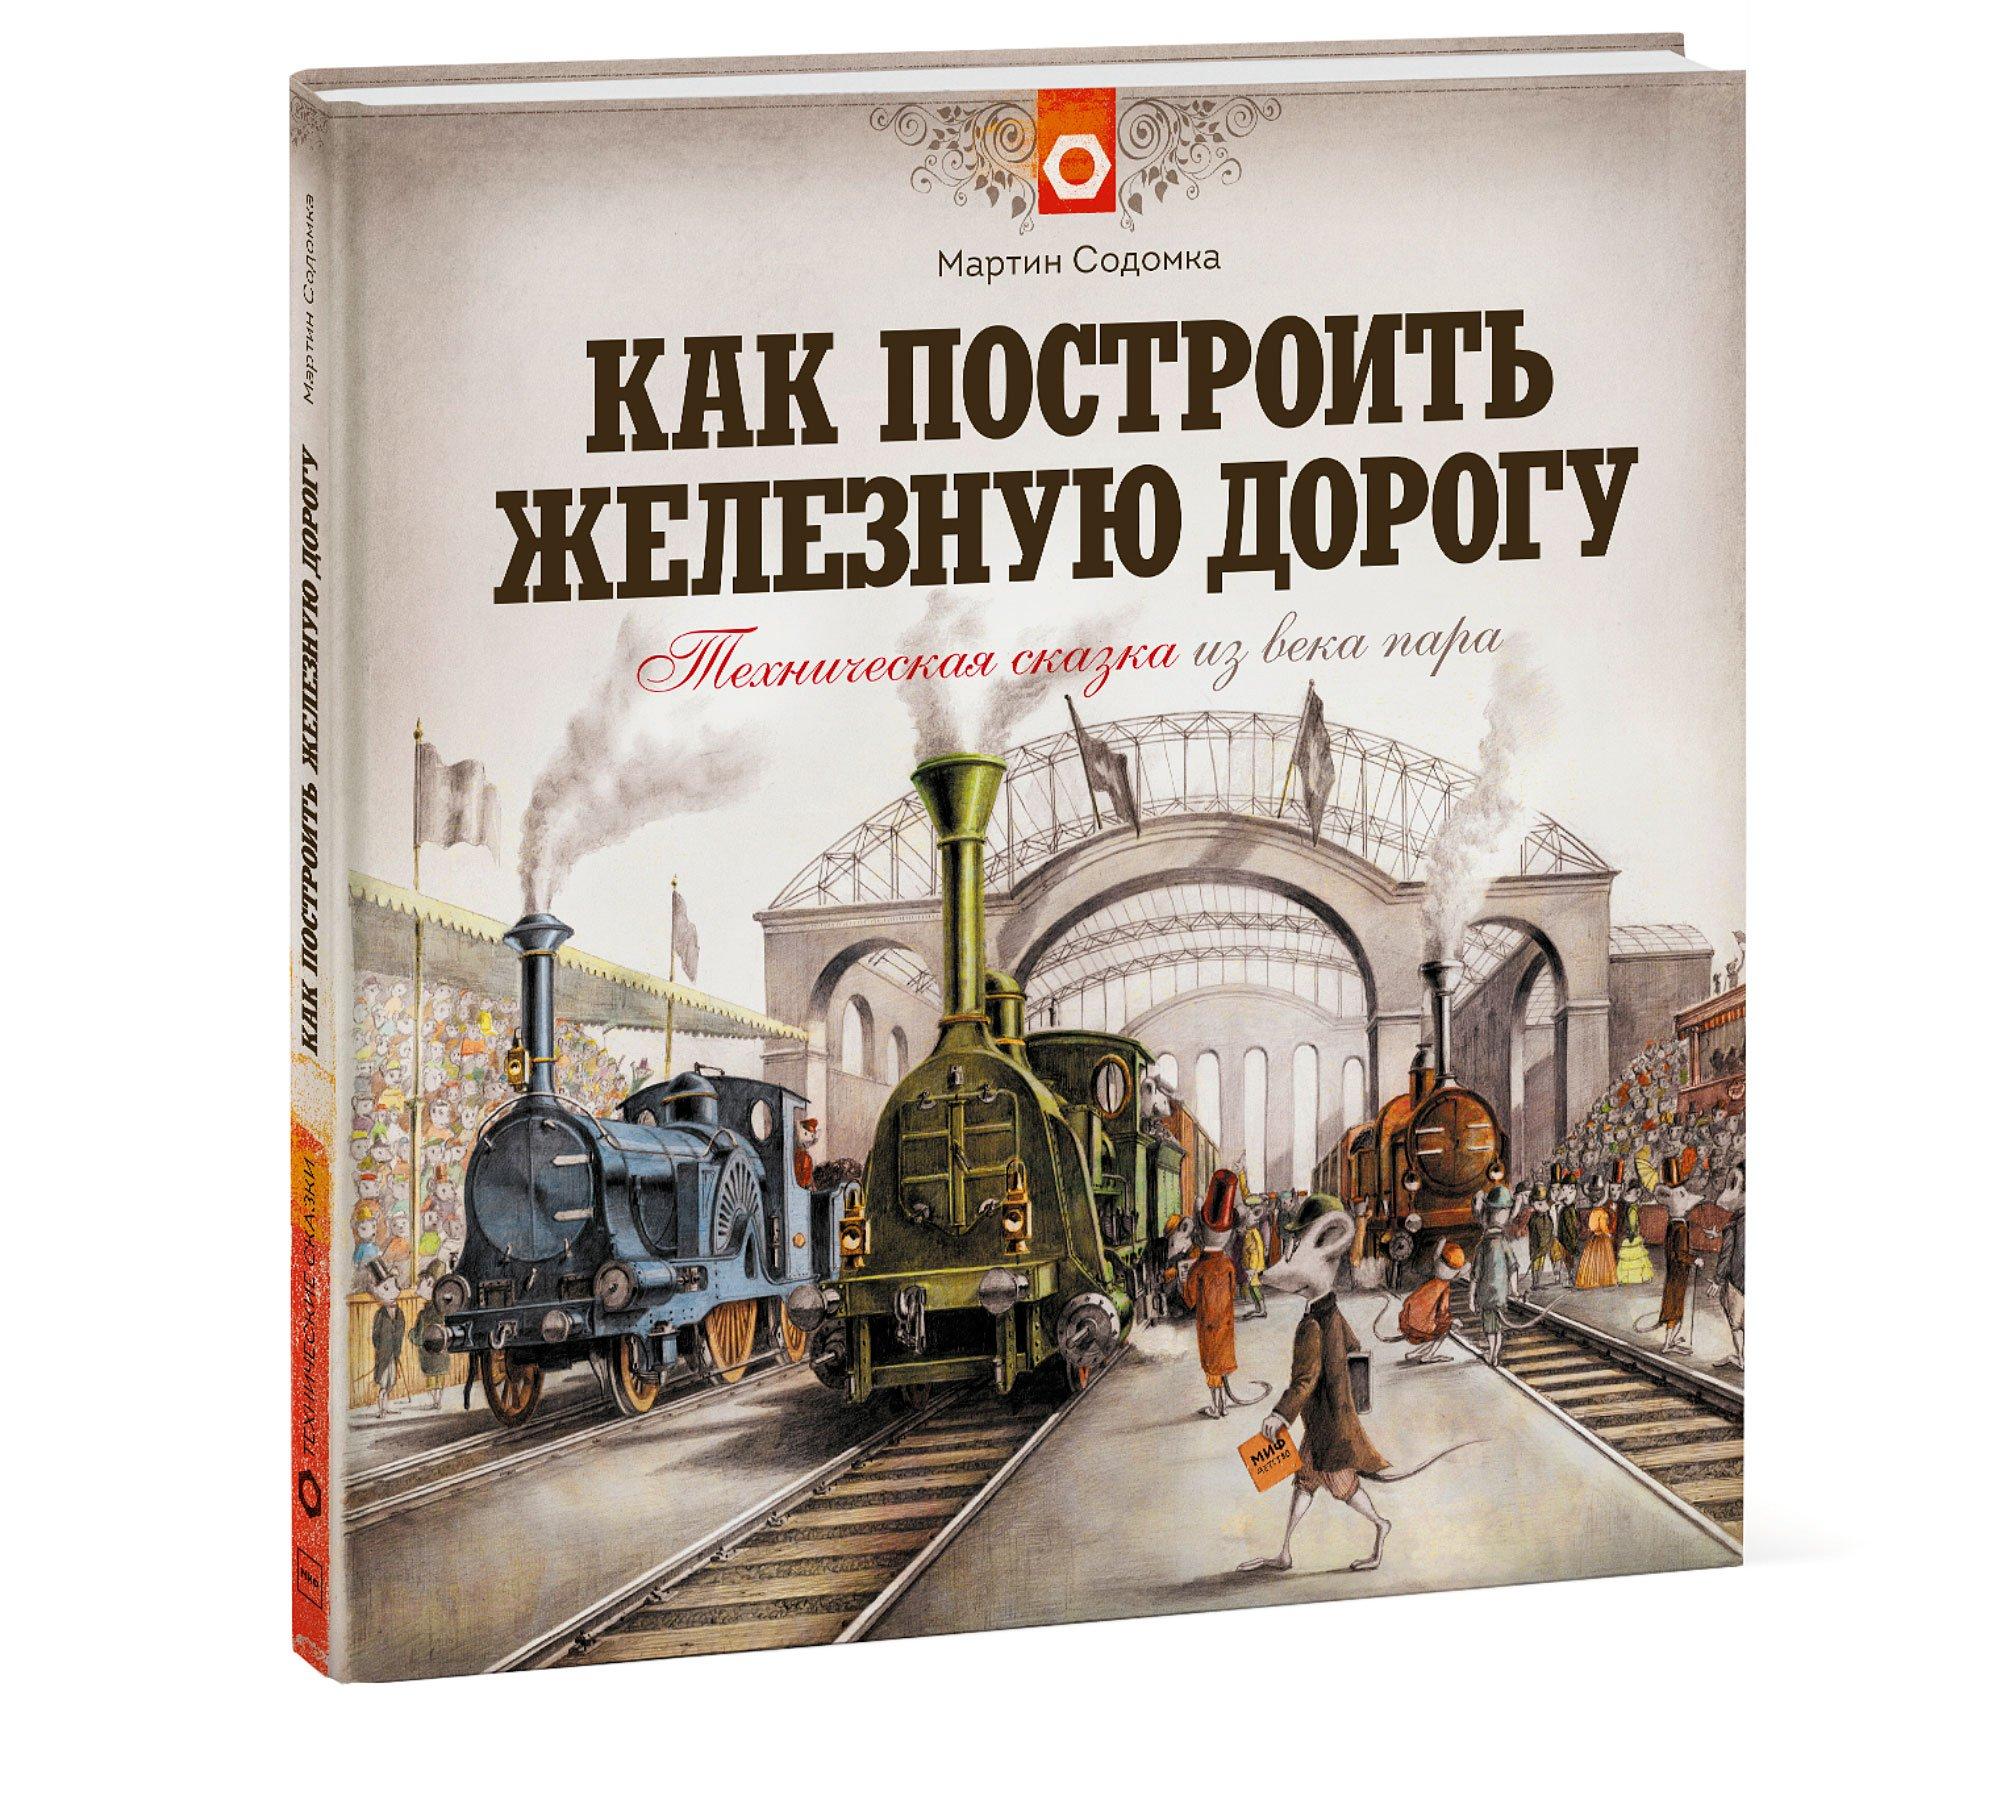 Мартин Содомка Как построить железную дорогу владимиров в как николай i железную дорогу строил и за что он н в гоголя похвалил